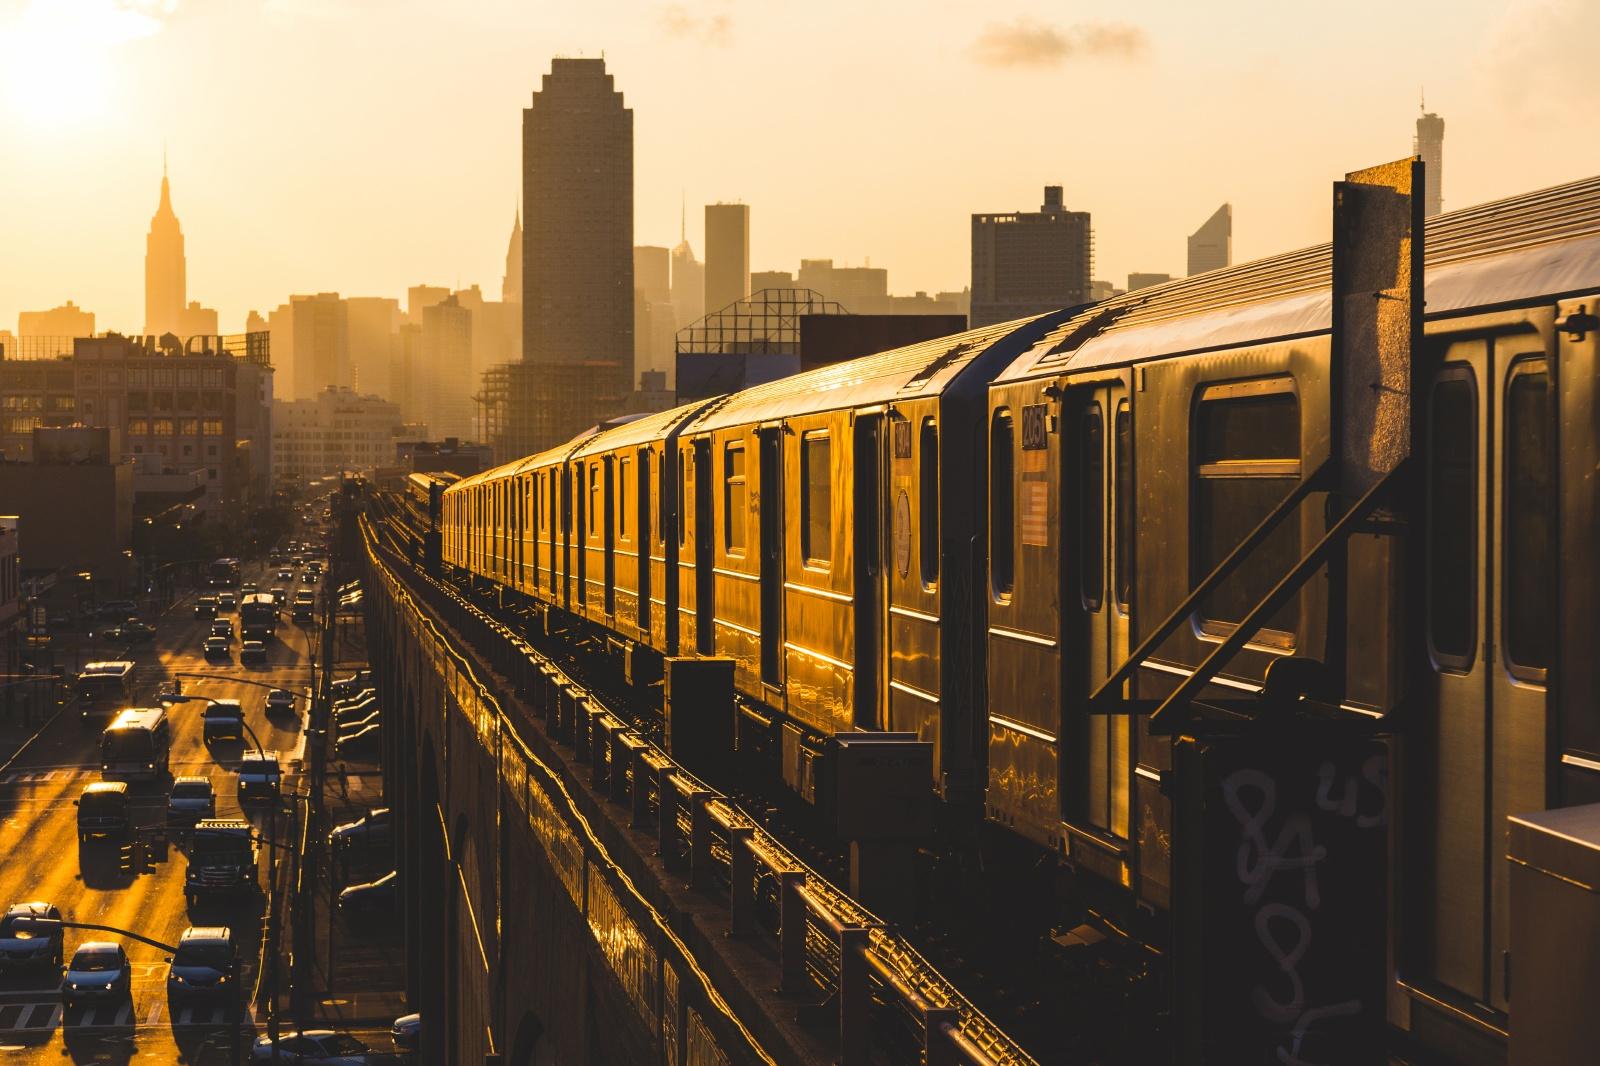 ニューヨーク アメリカの鉄道